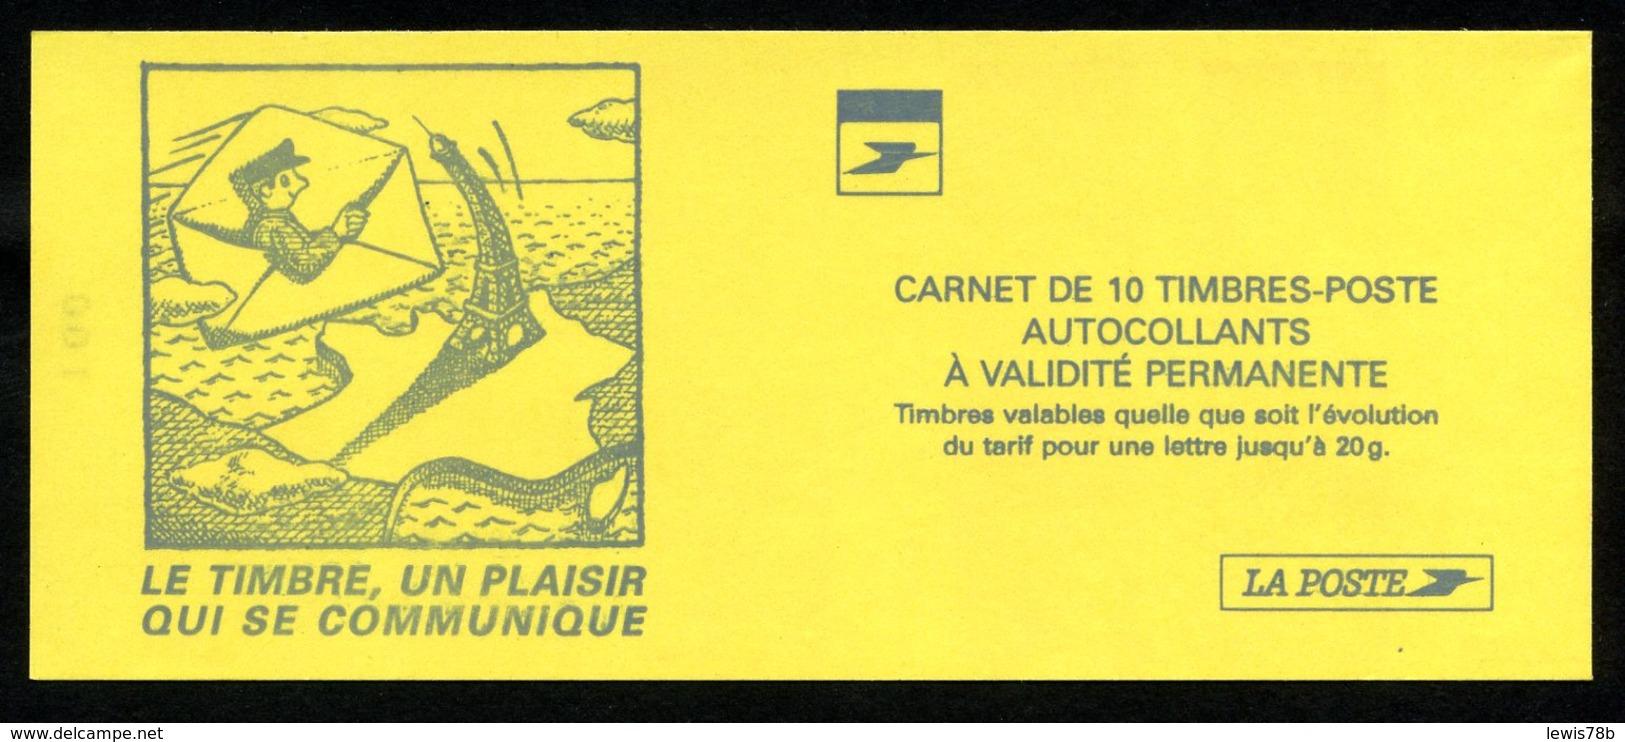 Carnet LUQUET - La Poste - Type 2 - Carré Noir + RE - RRR - Lot 05 - Booklets